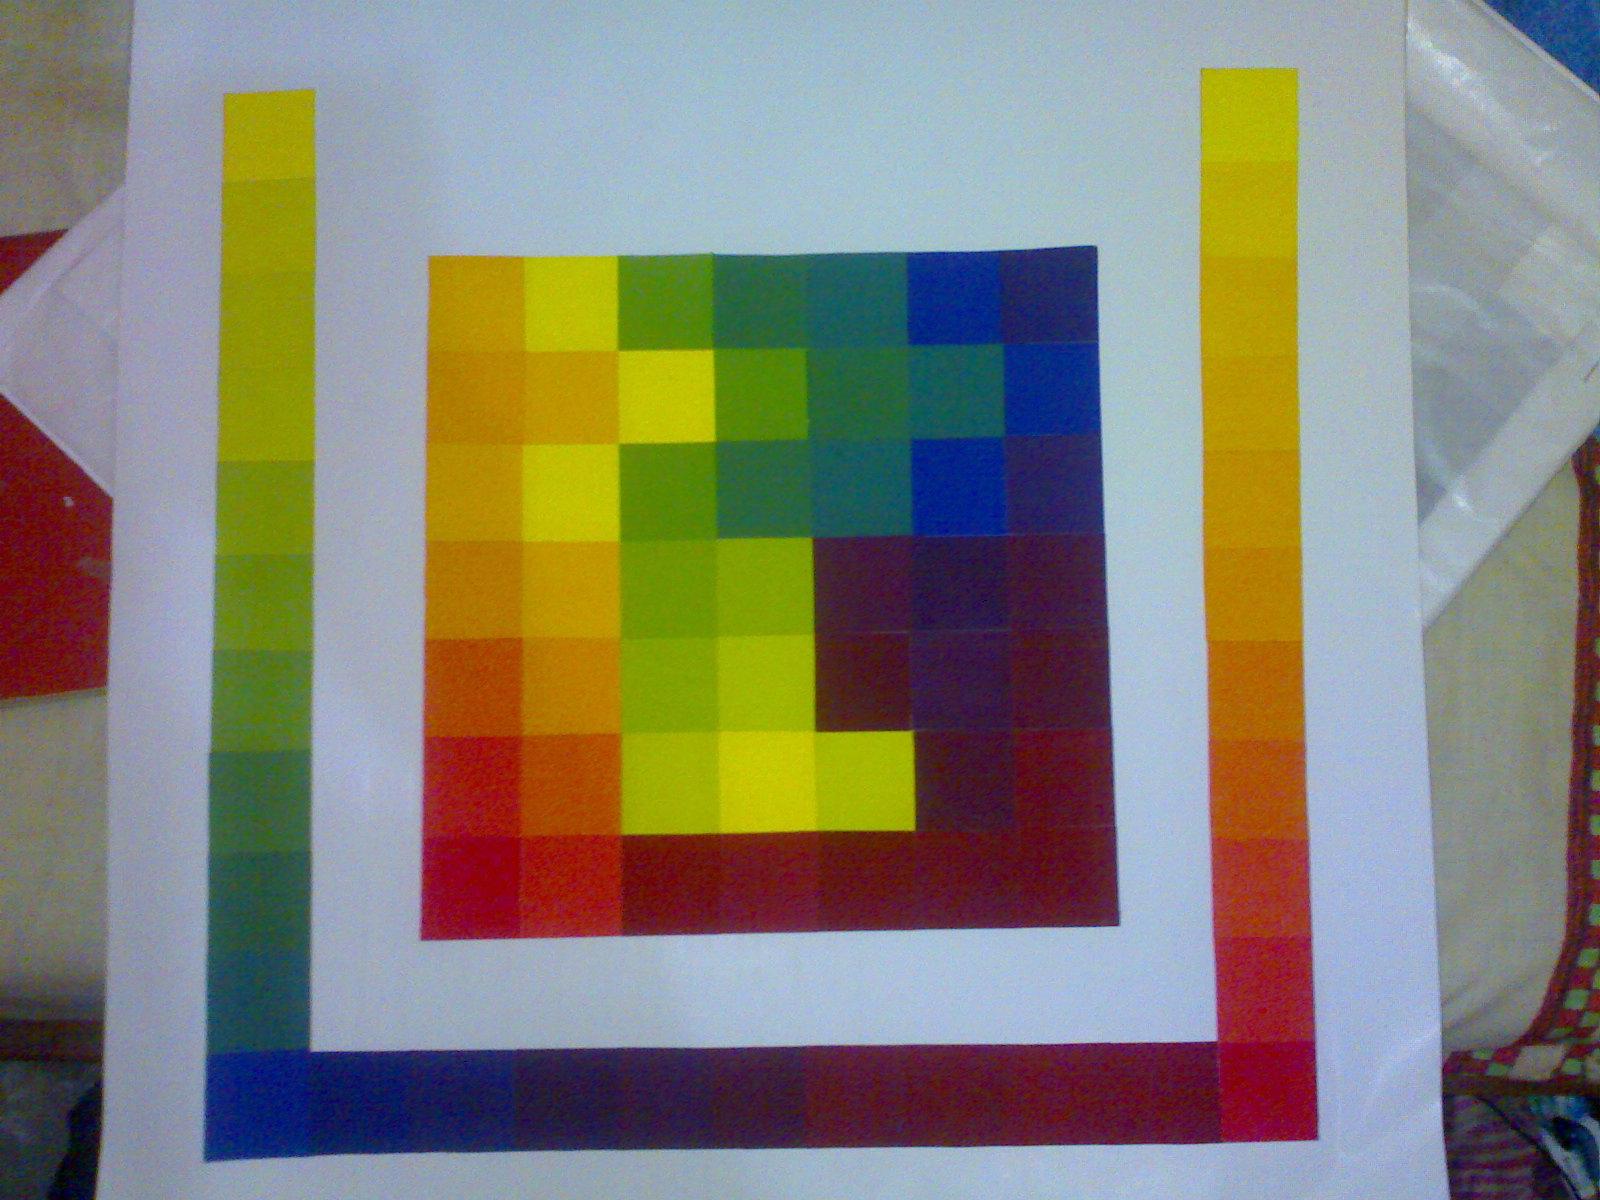 12 Contoh Gambar Gradasi Warna Primer dan Pengertiannya